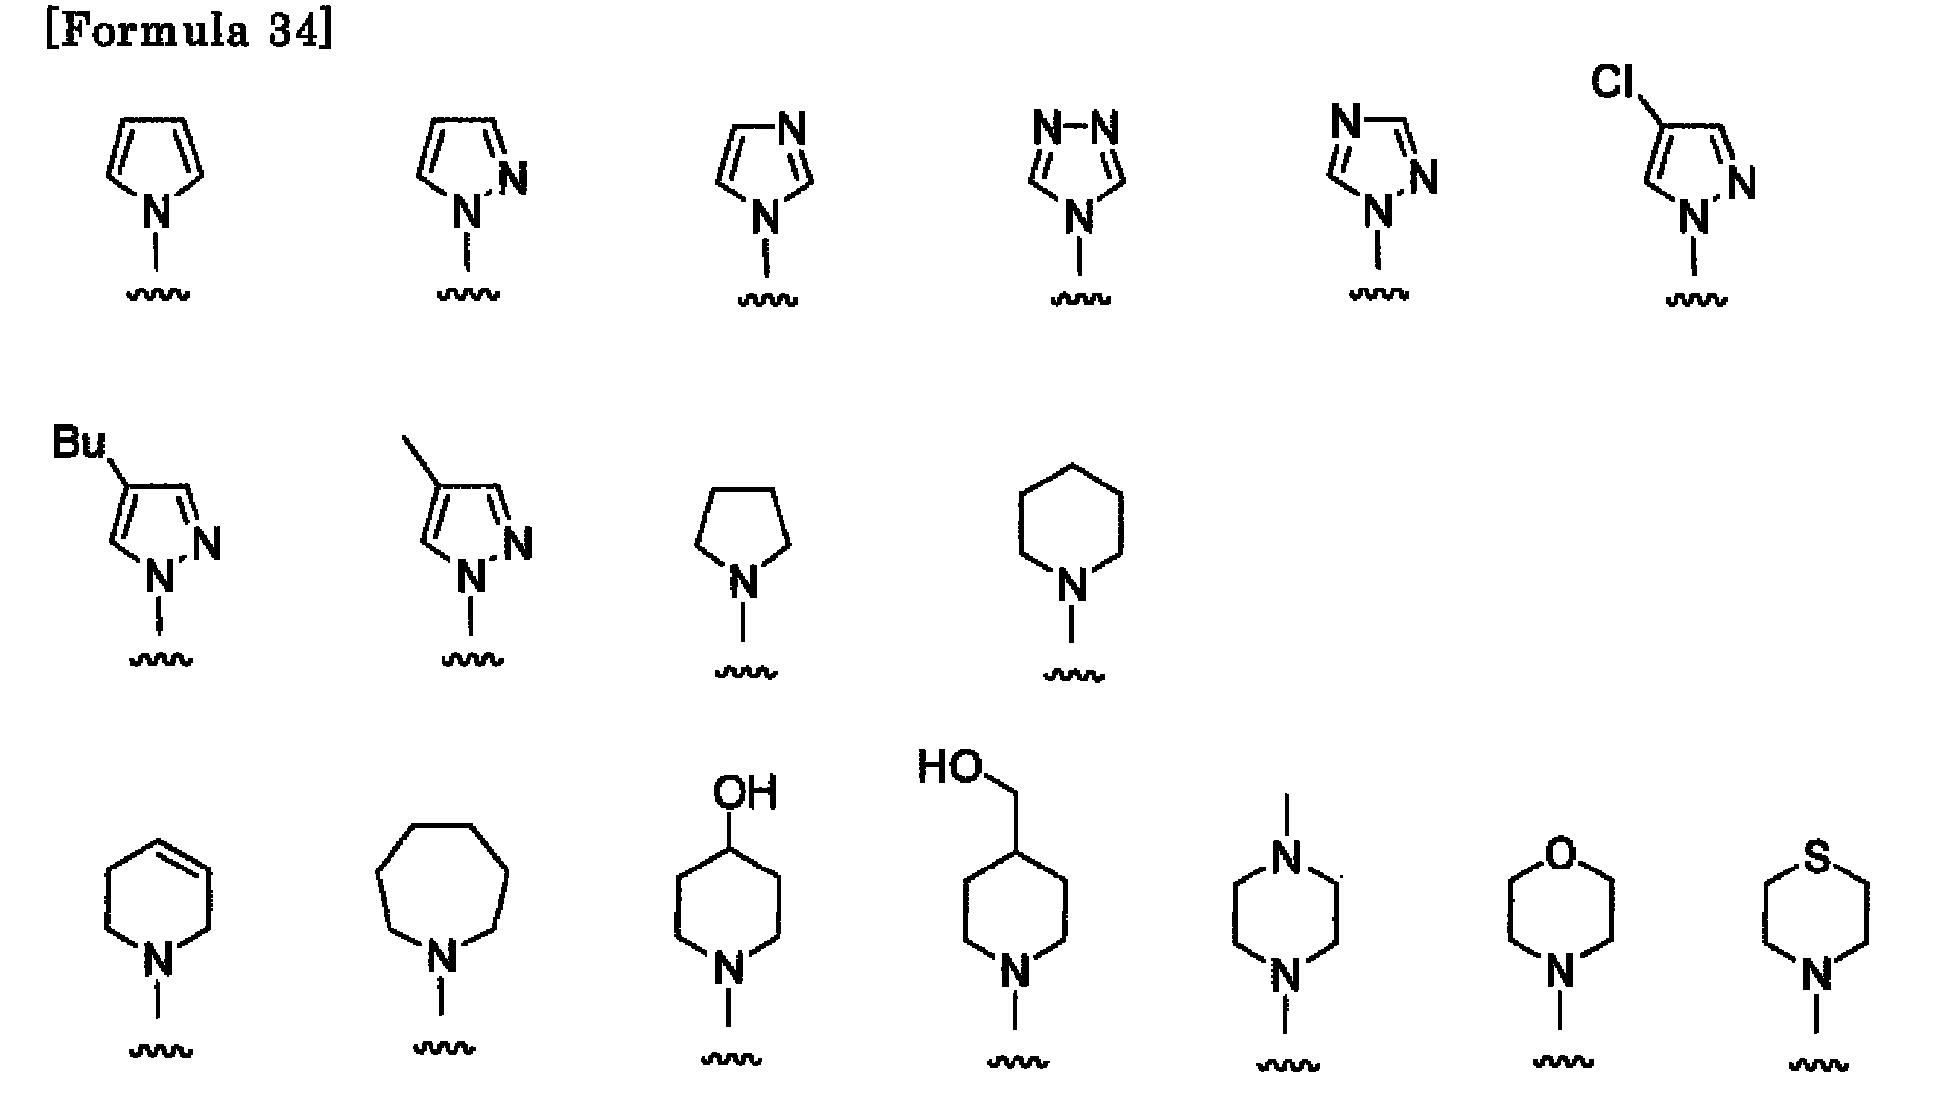 3 beta hydroxysteroid dehydrogenase deficiency diagnosis